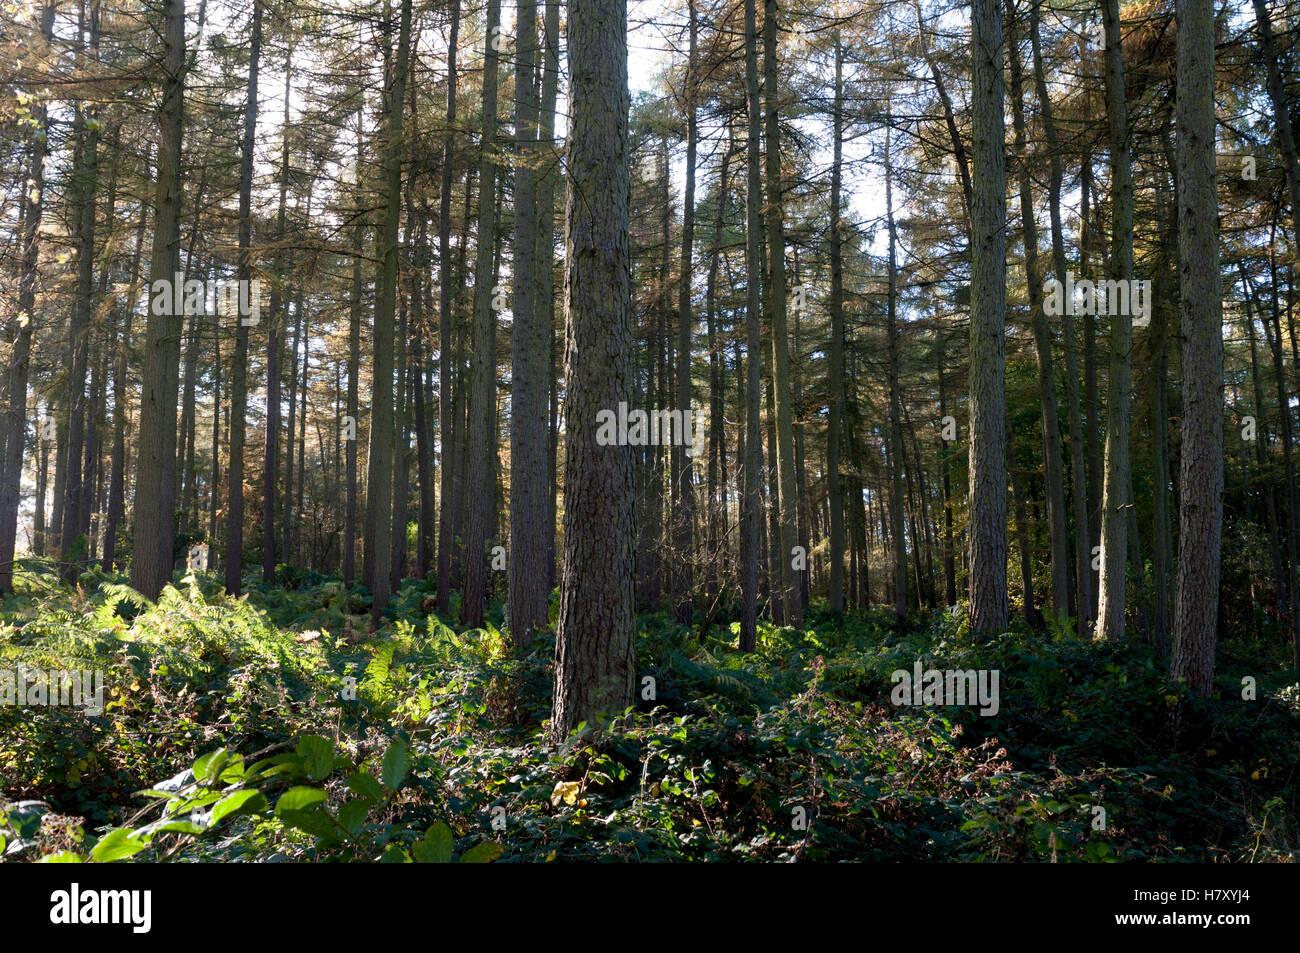 Coniferous trees on Dumbleton Hill, Gloucestershire, England, UK - Stock Image